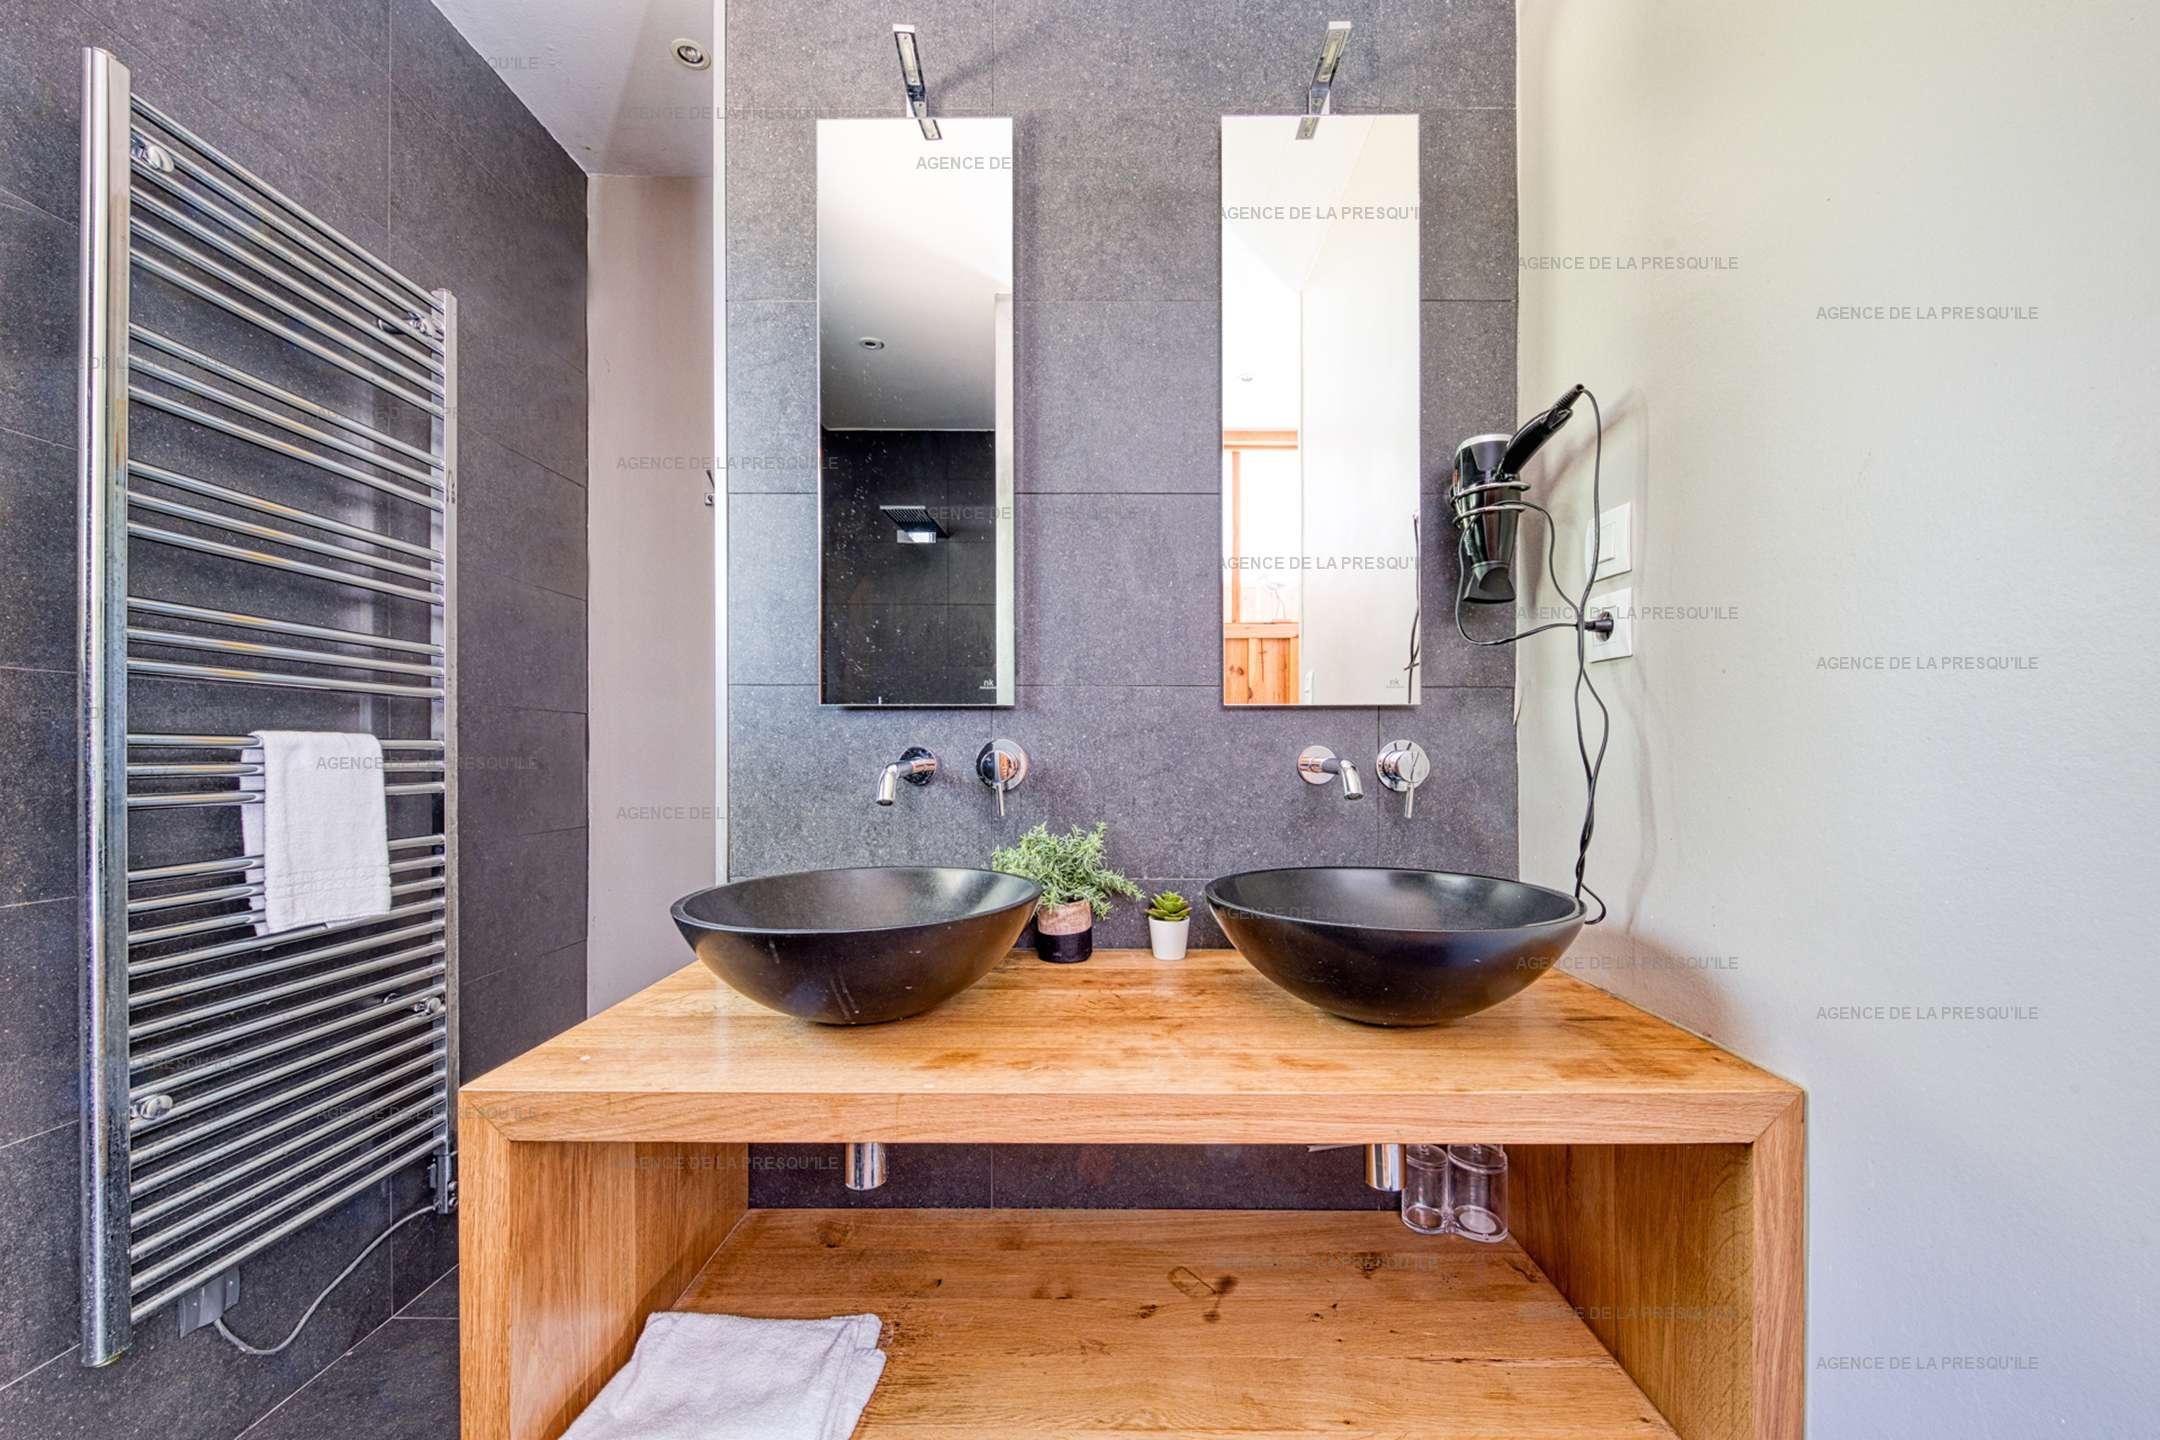 Location: Au calme, très belle villa en bois avec piscine chauffée 9